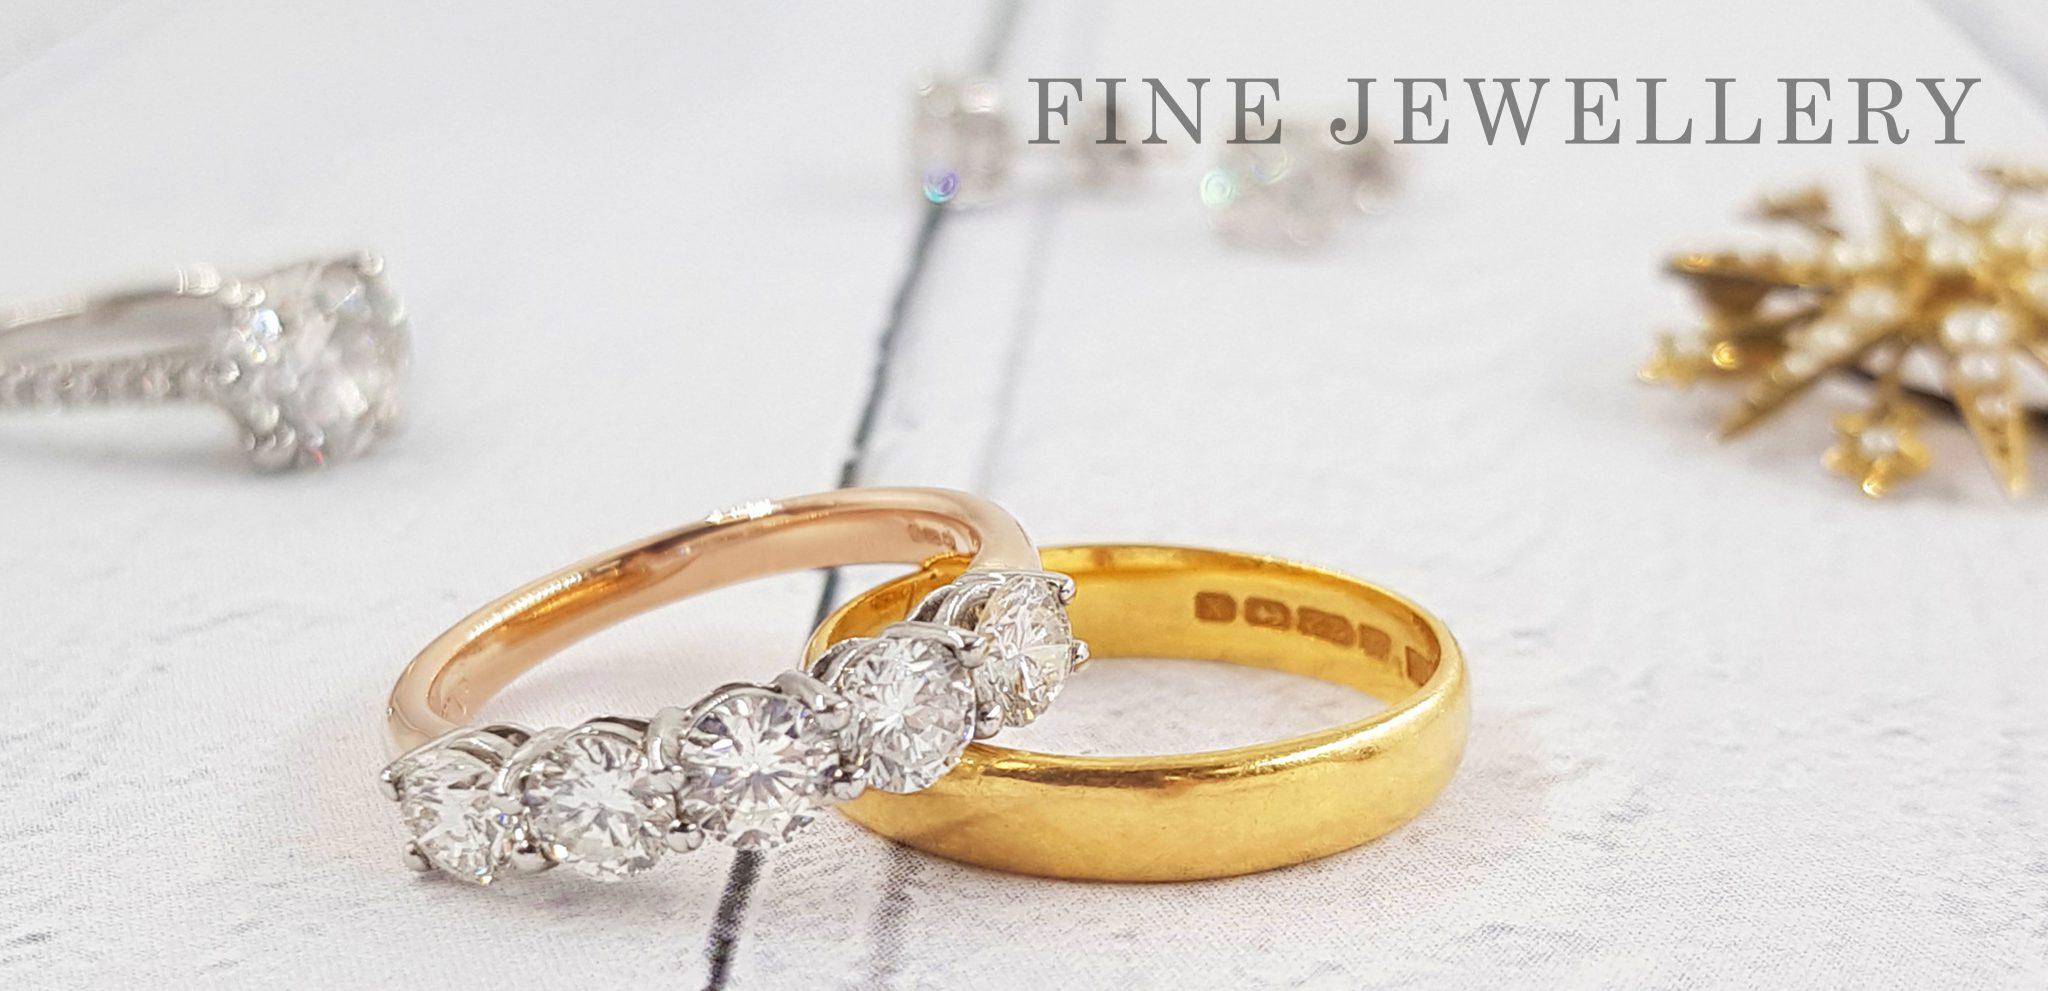 Fine Jewellery 2